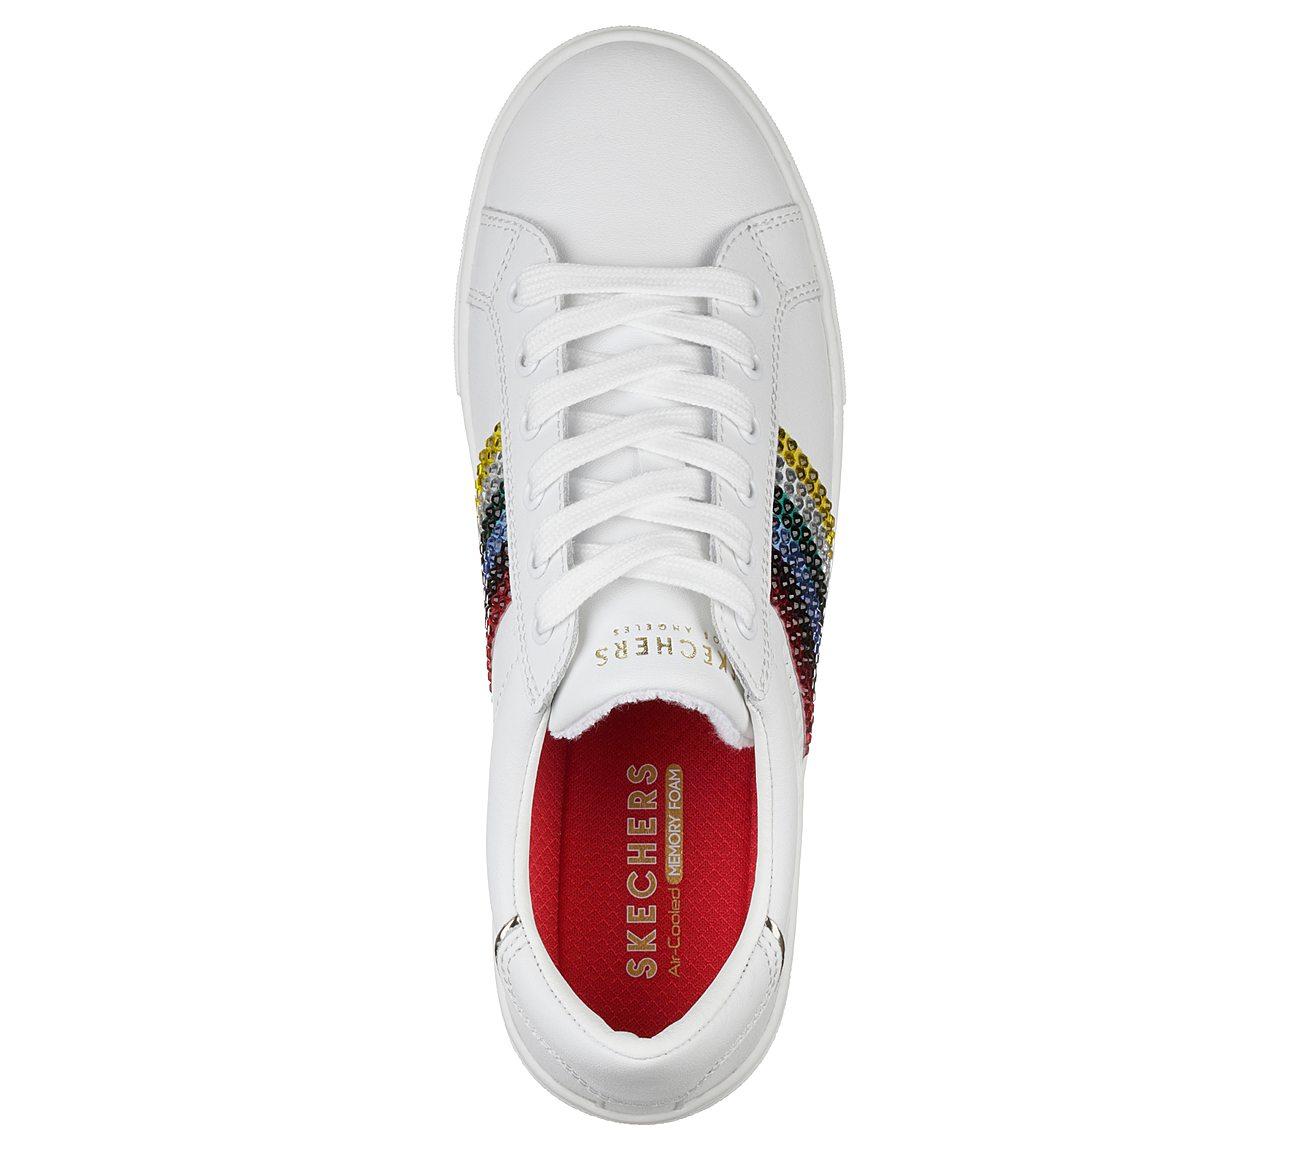 skechers rocker shoes